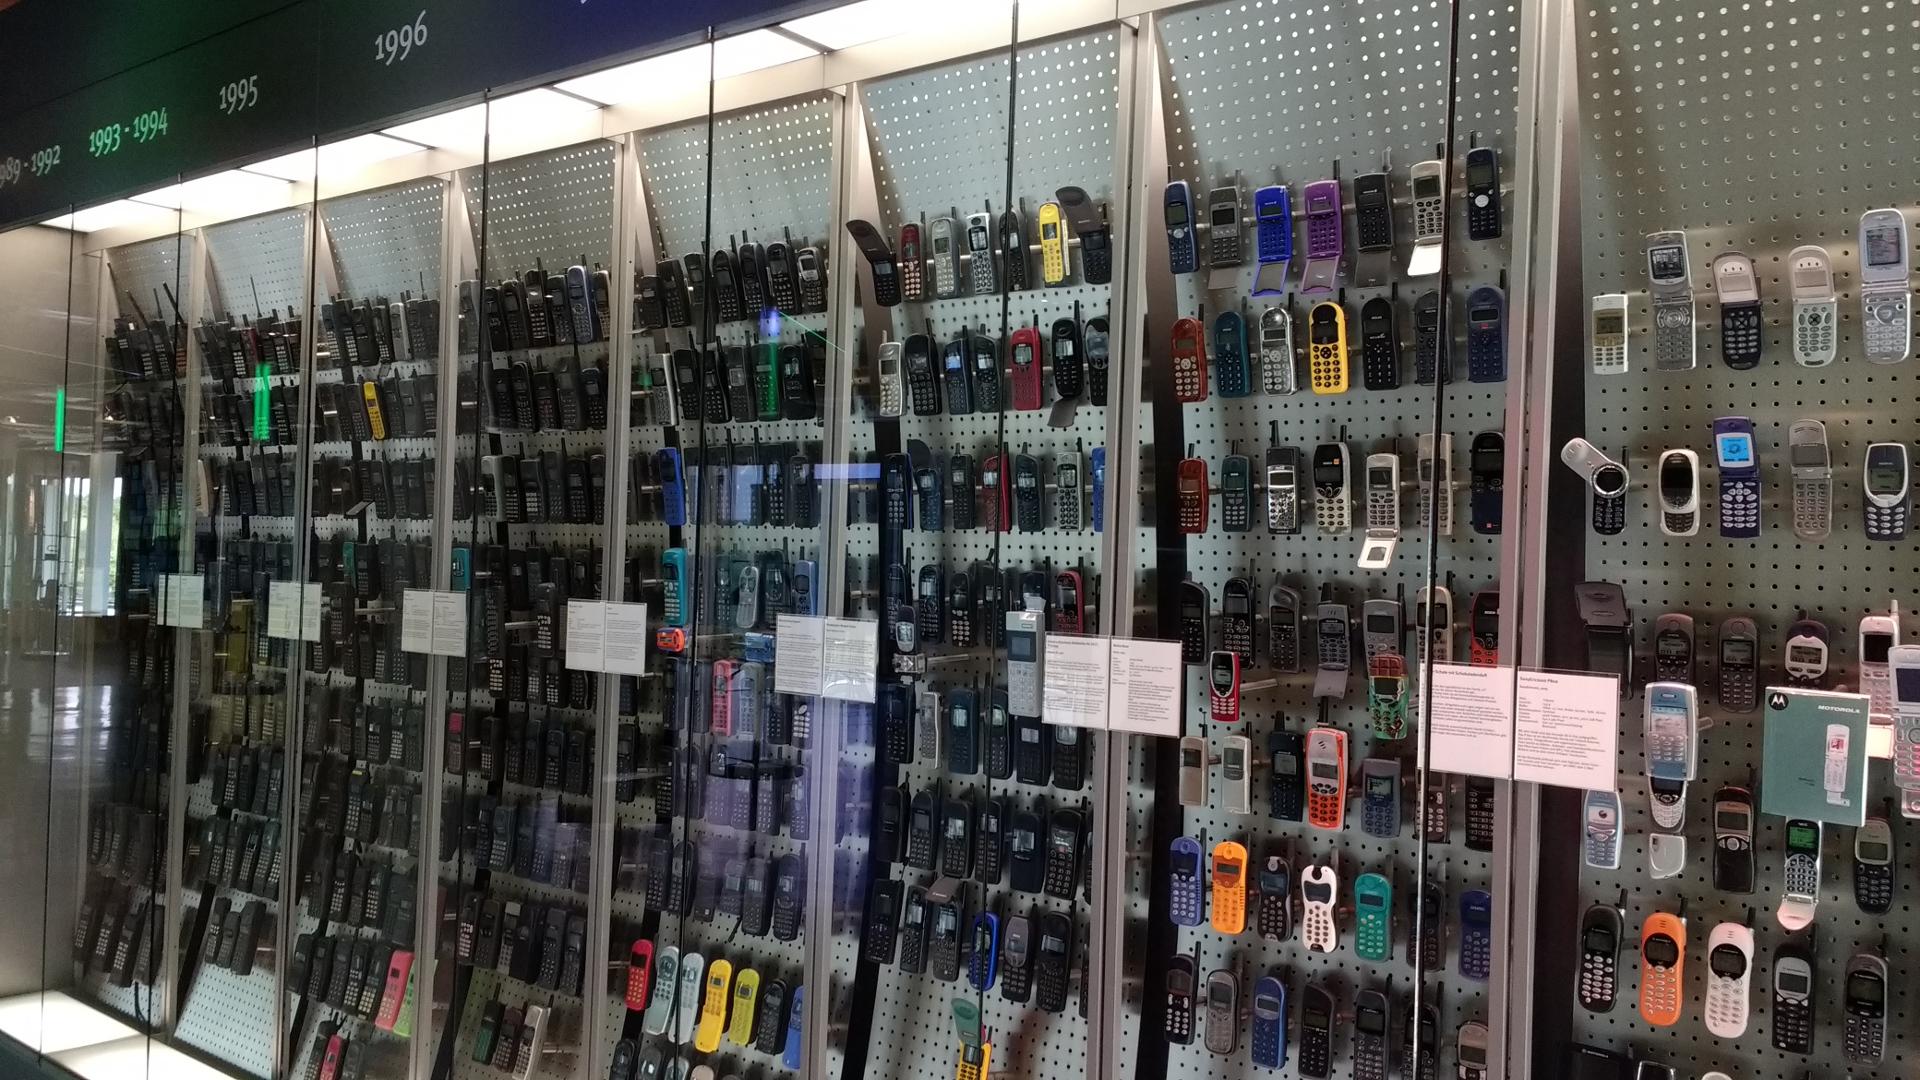 Wand mit zahlreichen Handys von 1989 bis heute